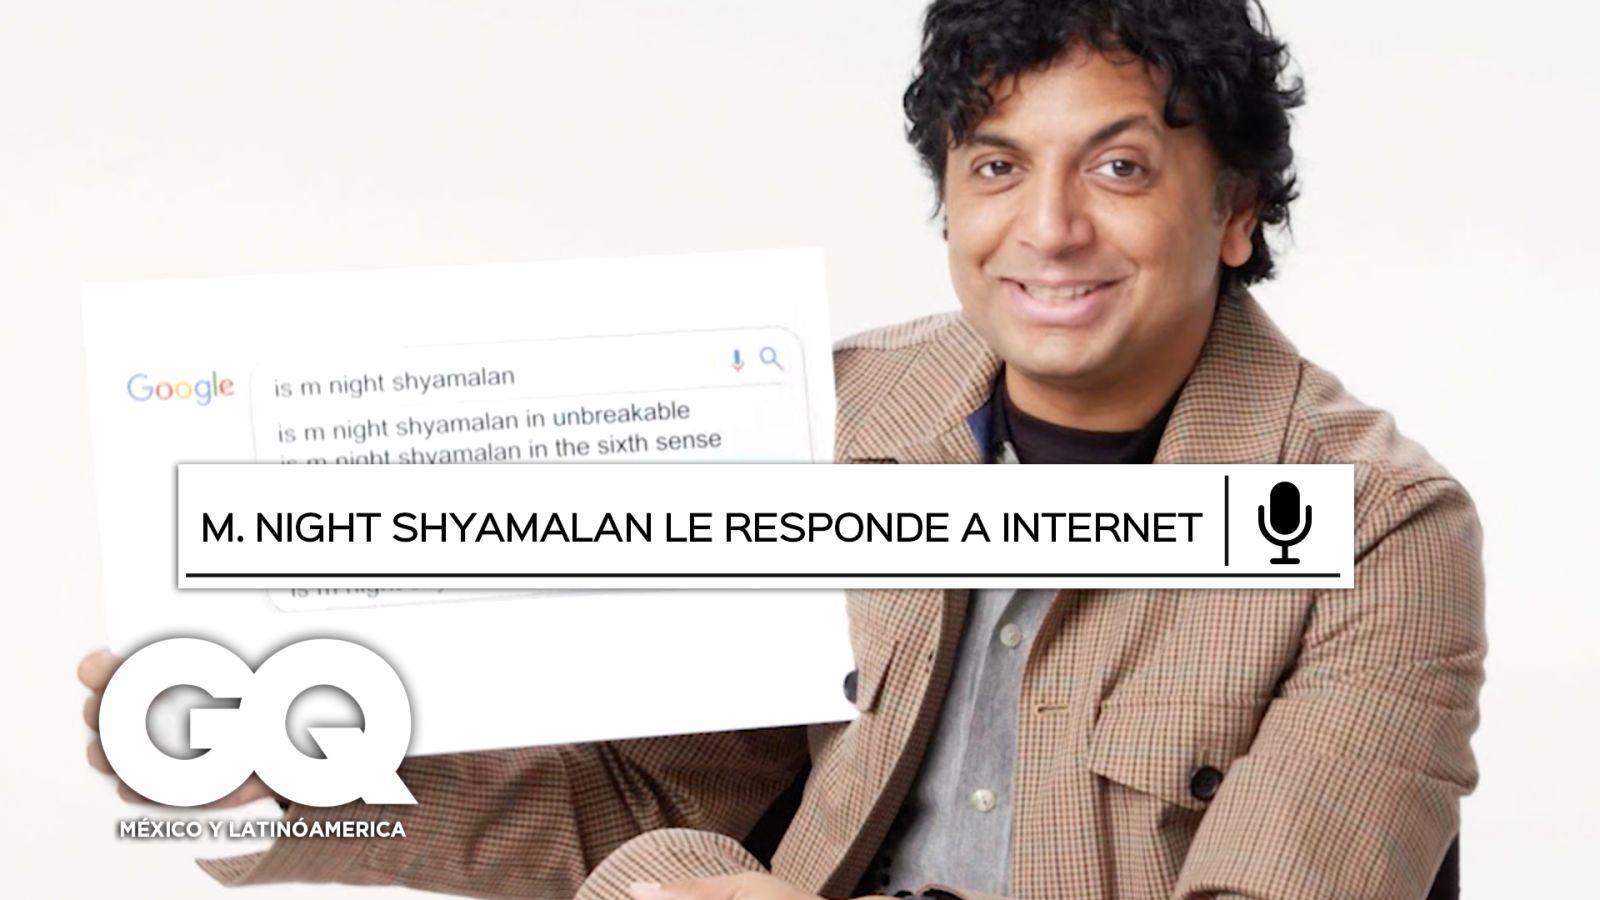 M. Night Shyamalan responde lo más buscado de Google